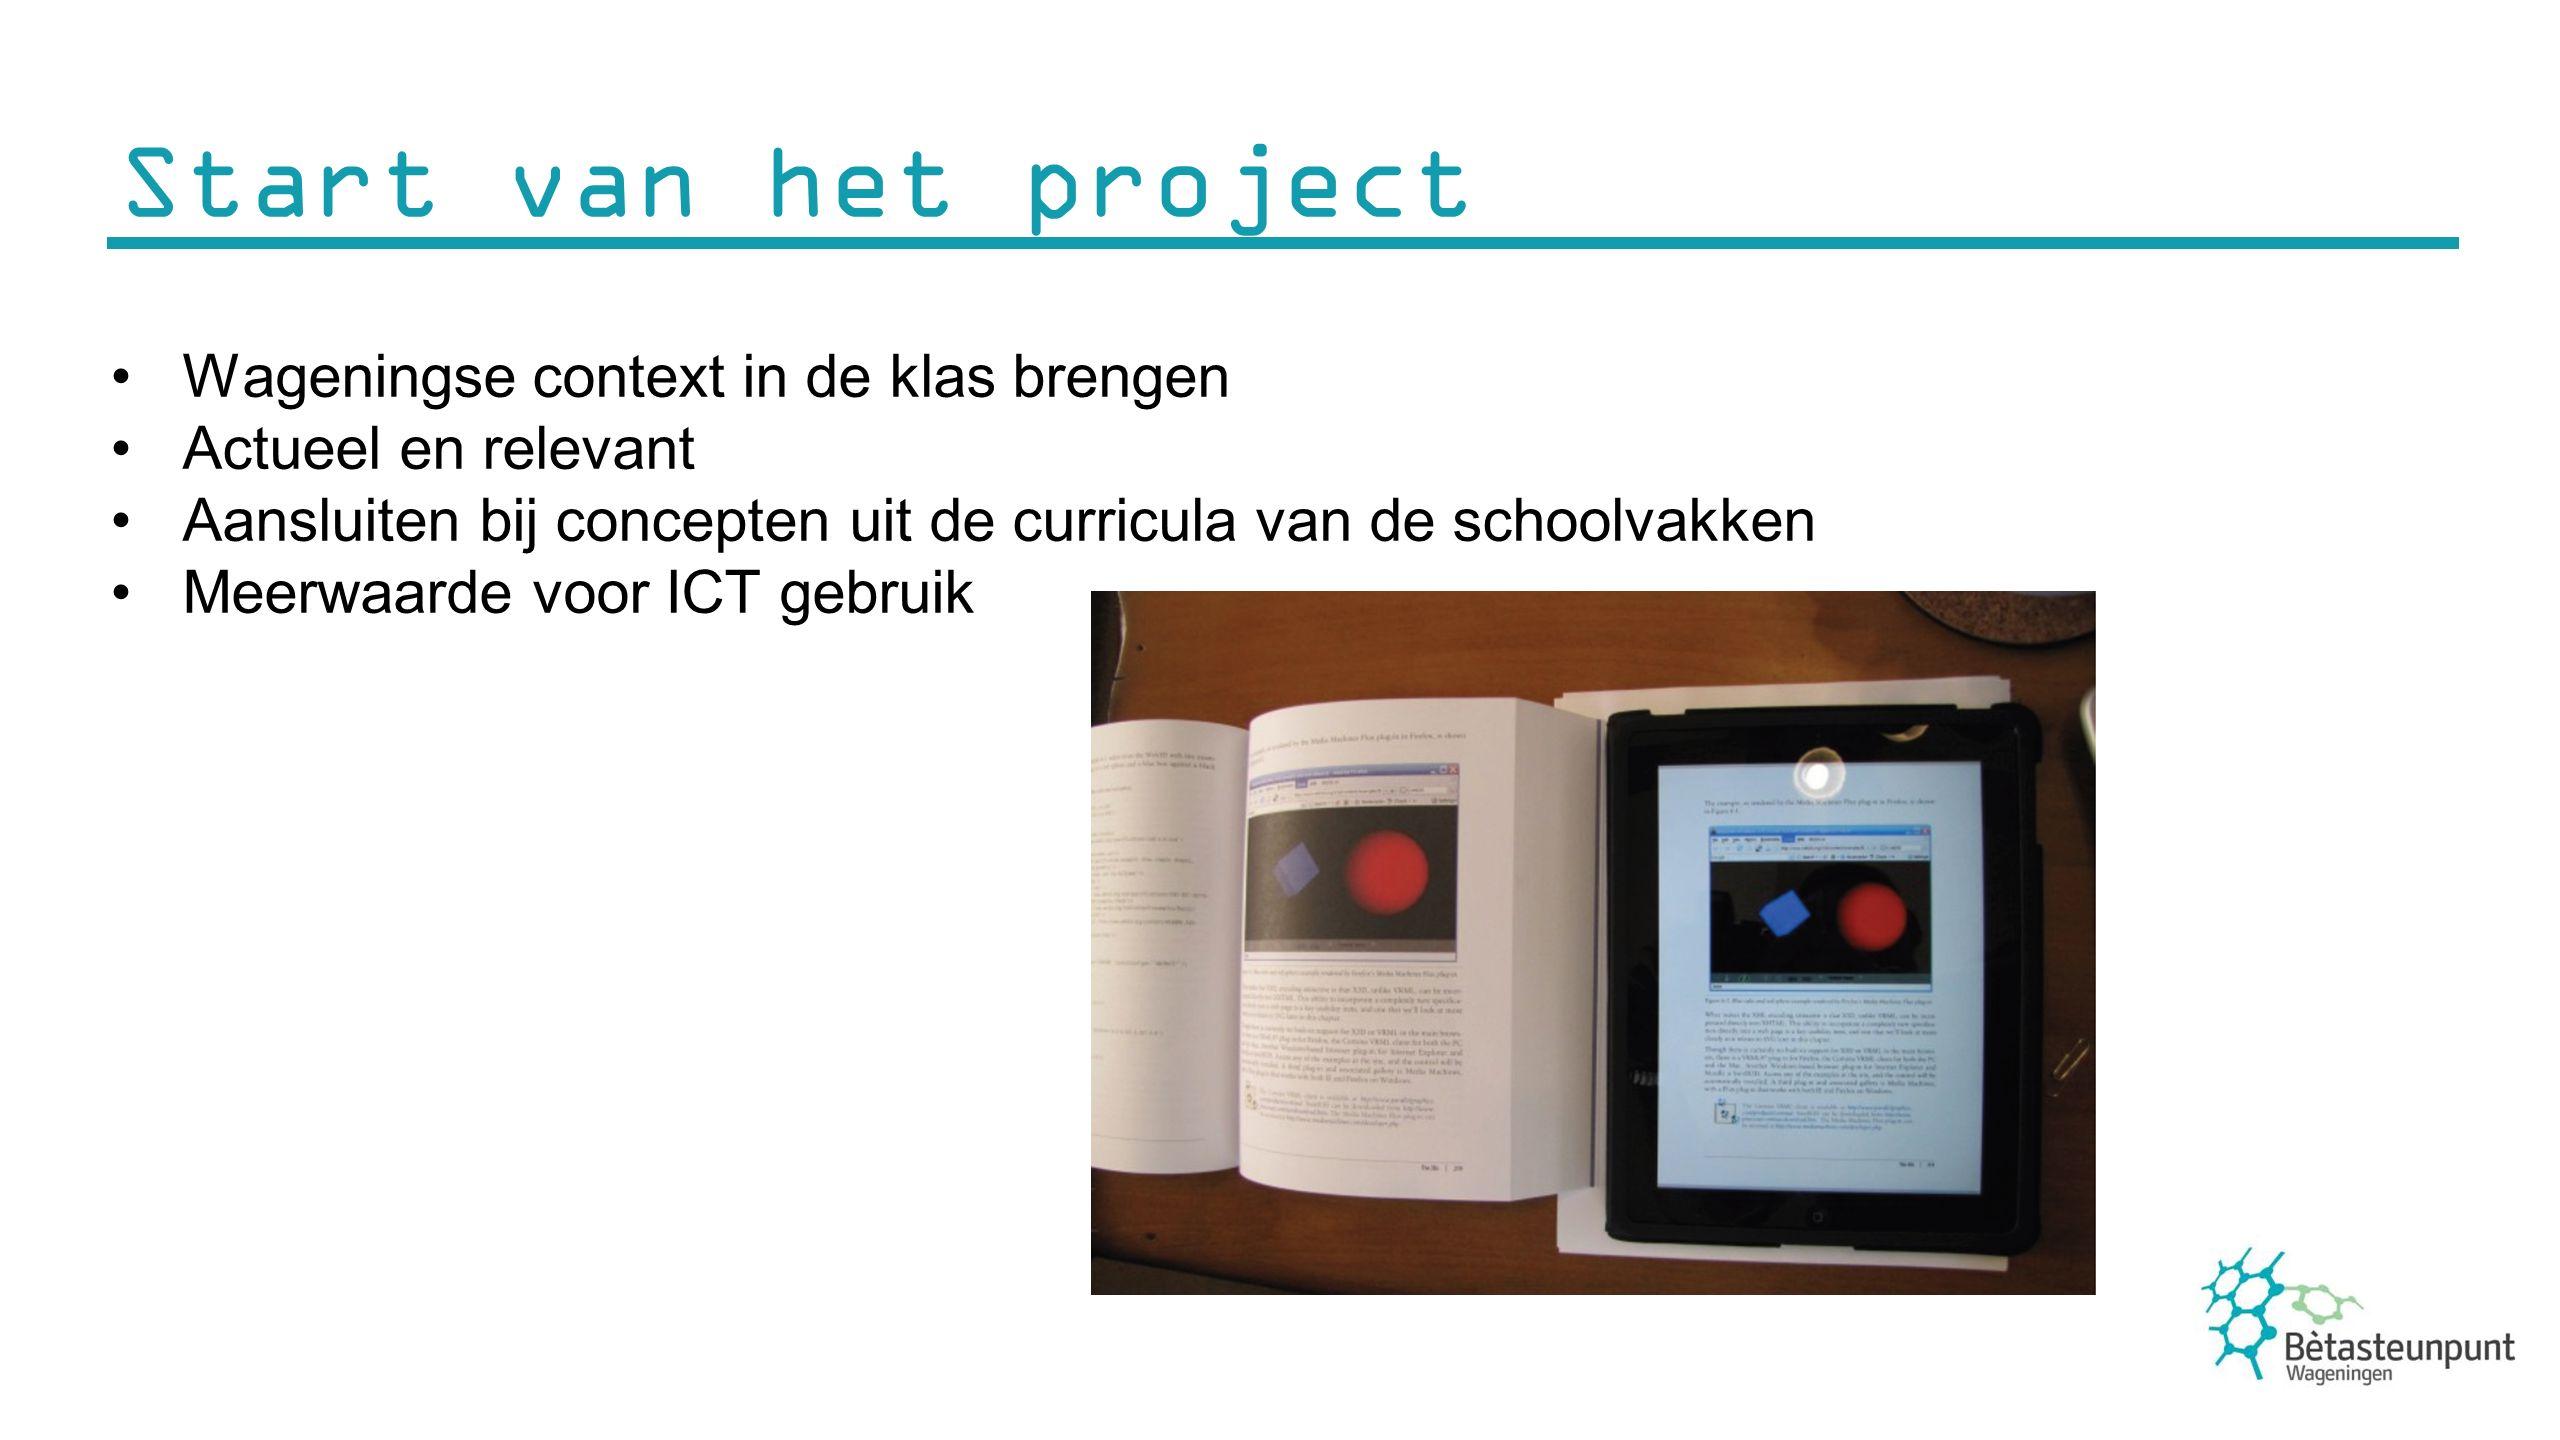 Start van het project Wageningse context in de klas brengen Actueel en relevant Aansluiten bij concepten uit de curricula van de schoolvakken Meerwaarde voor ICT gebruik